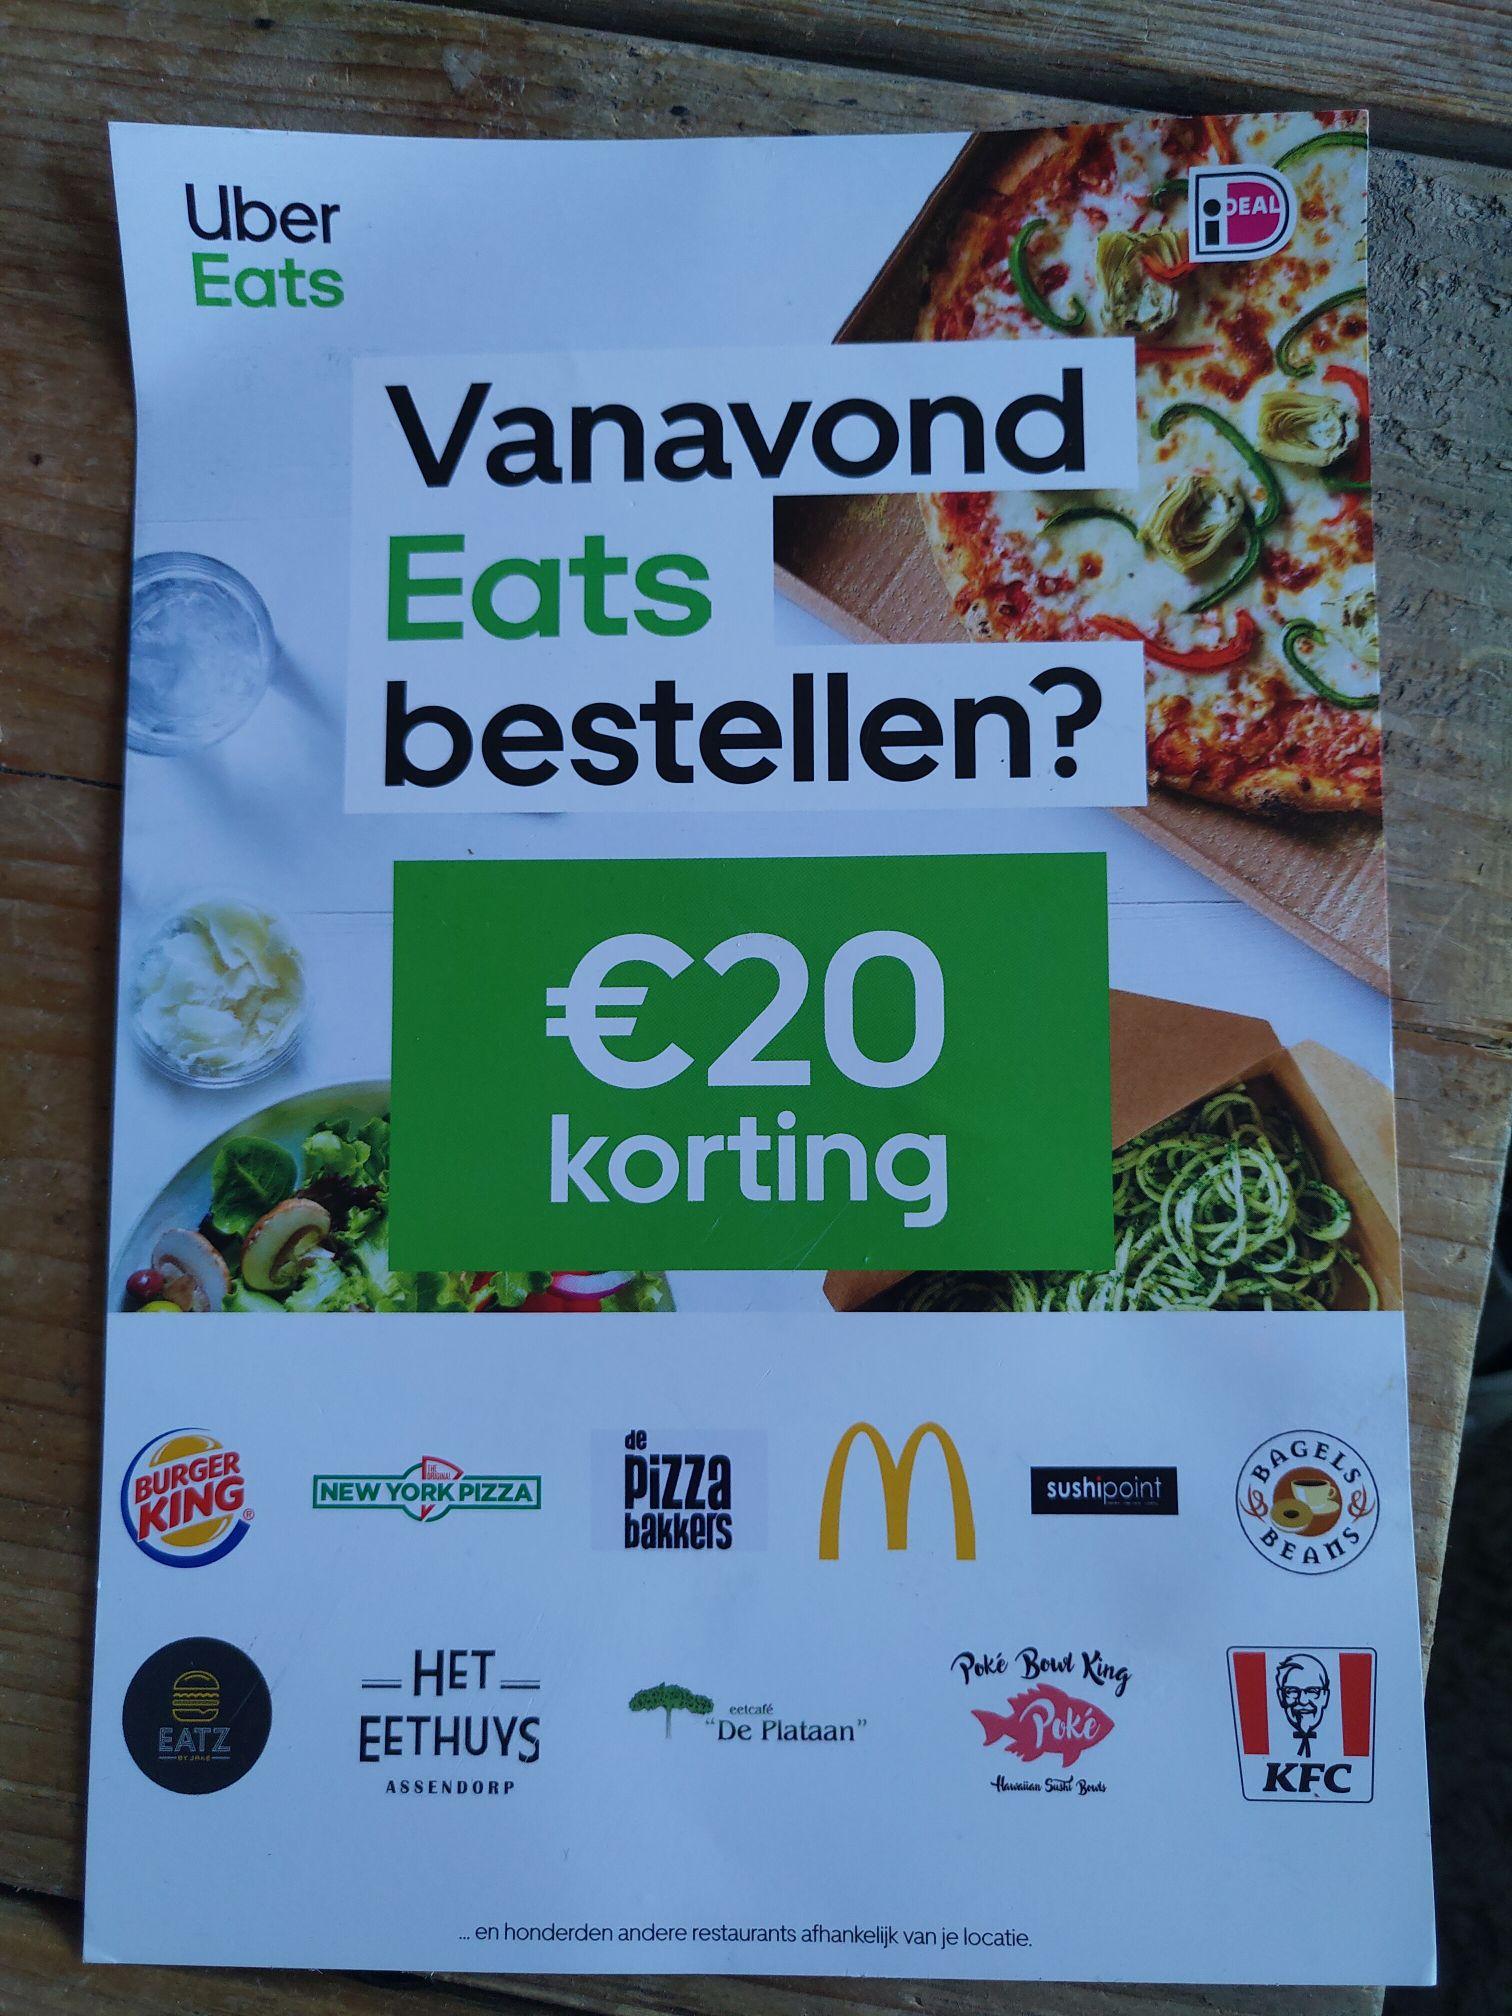 2x 10 euro korting op je bestelling bij Uber Eats